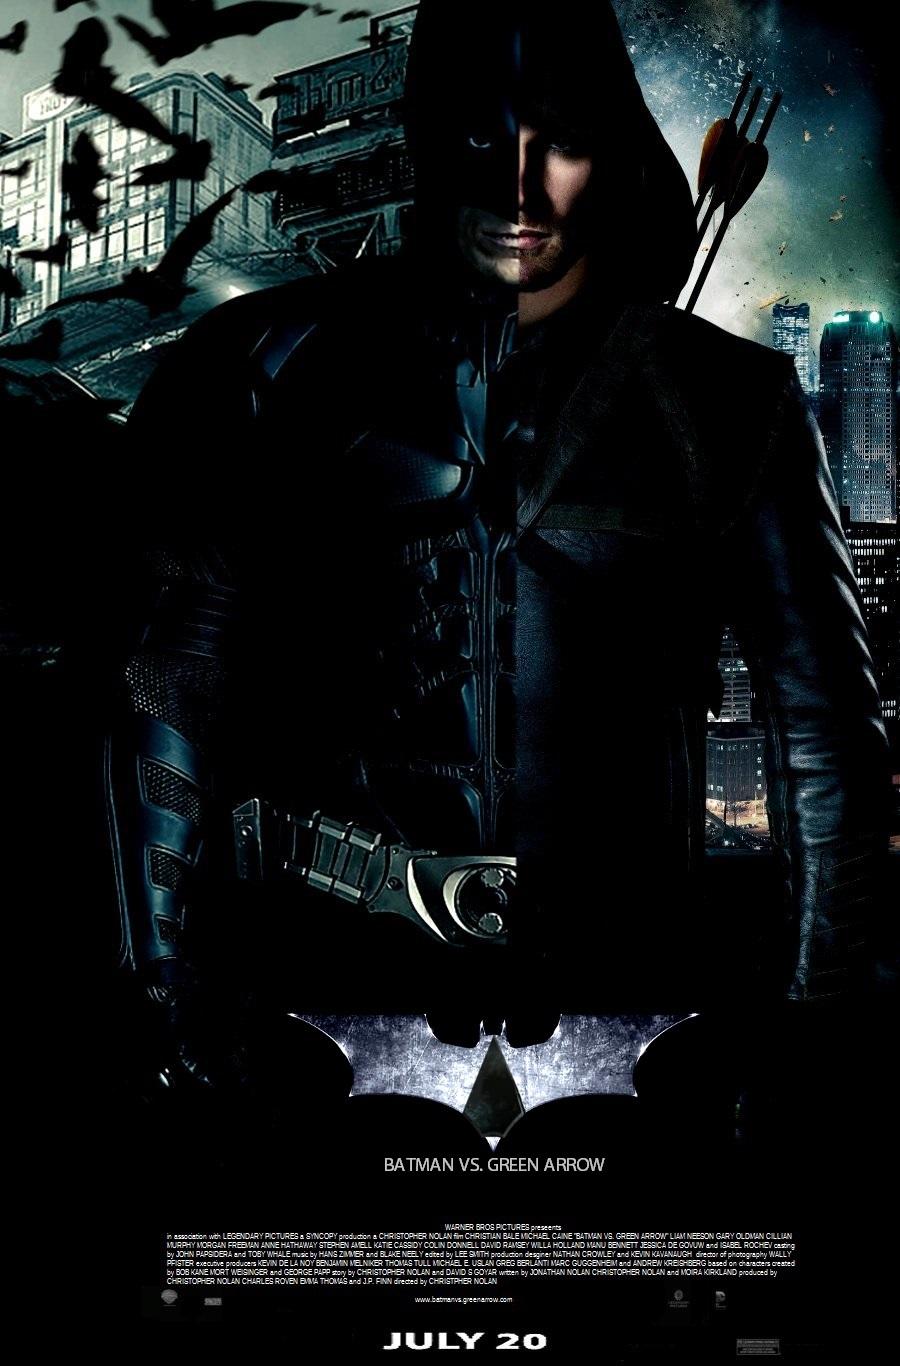 Green Arrow Poster By SteveIrwinFan96 Batman Vs